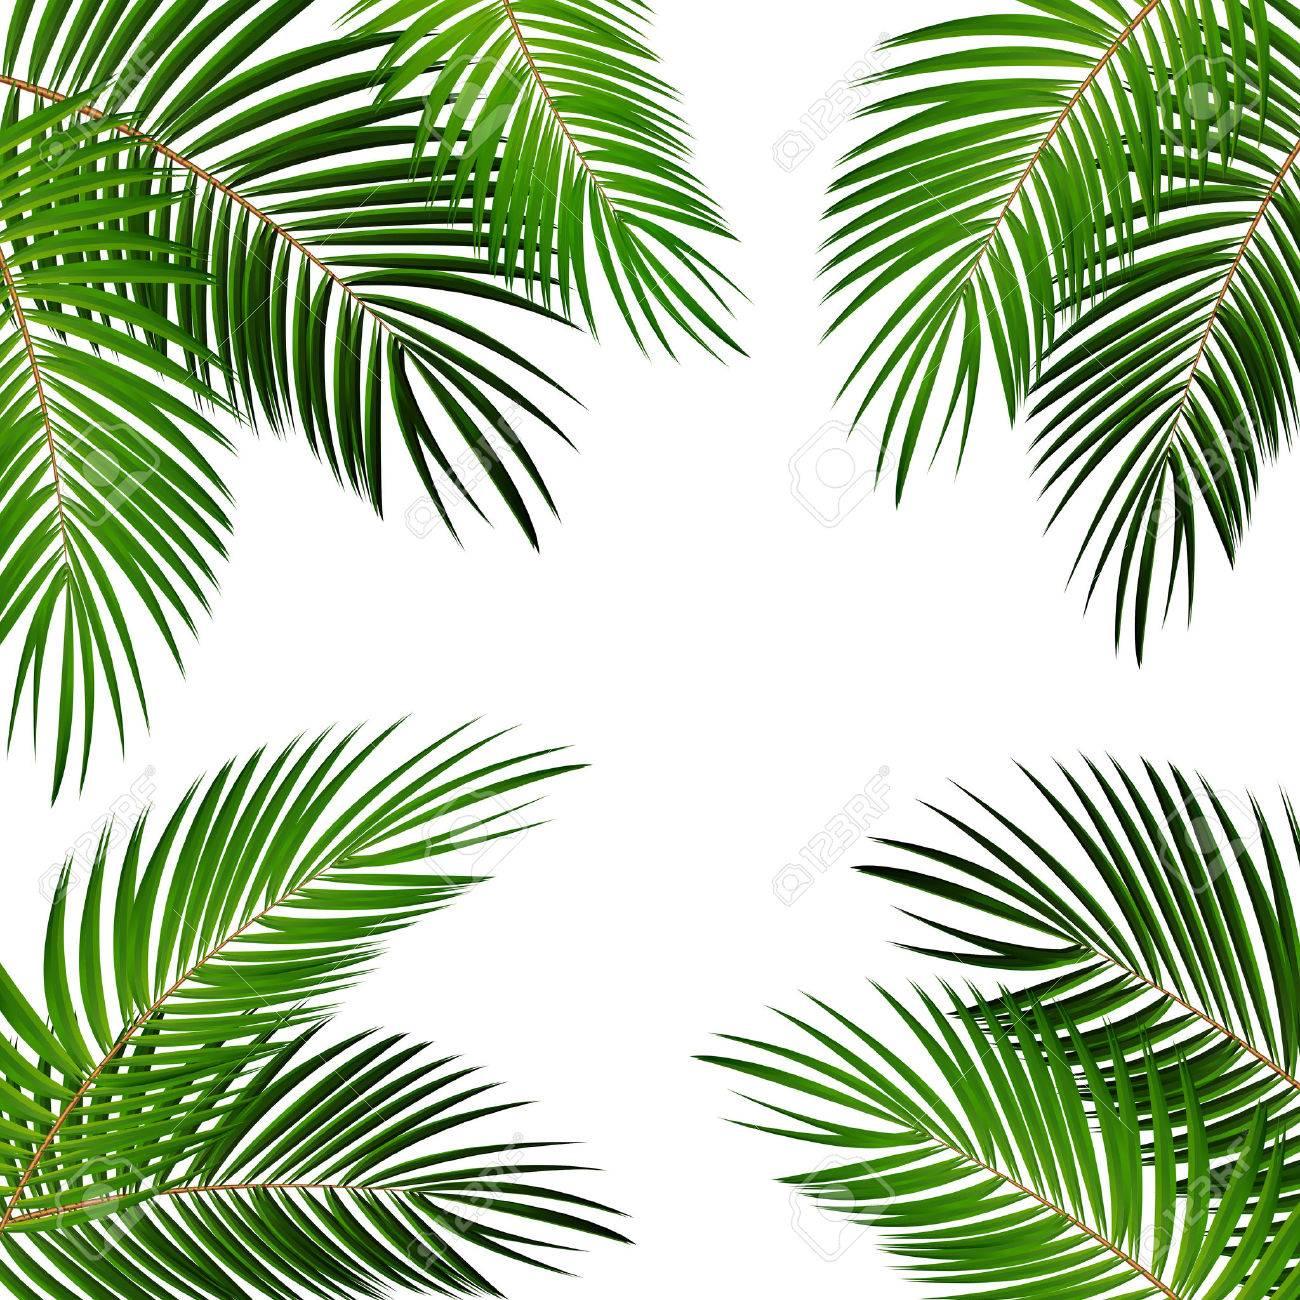 Palm Leaf Vector Background Illustration EPS10 - 51759178